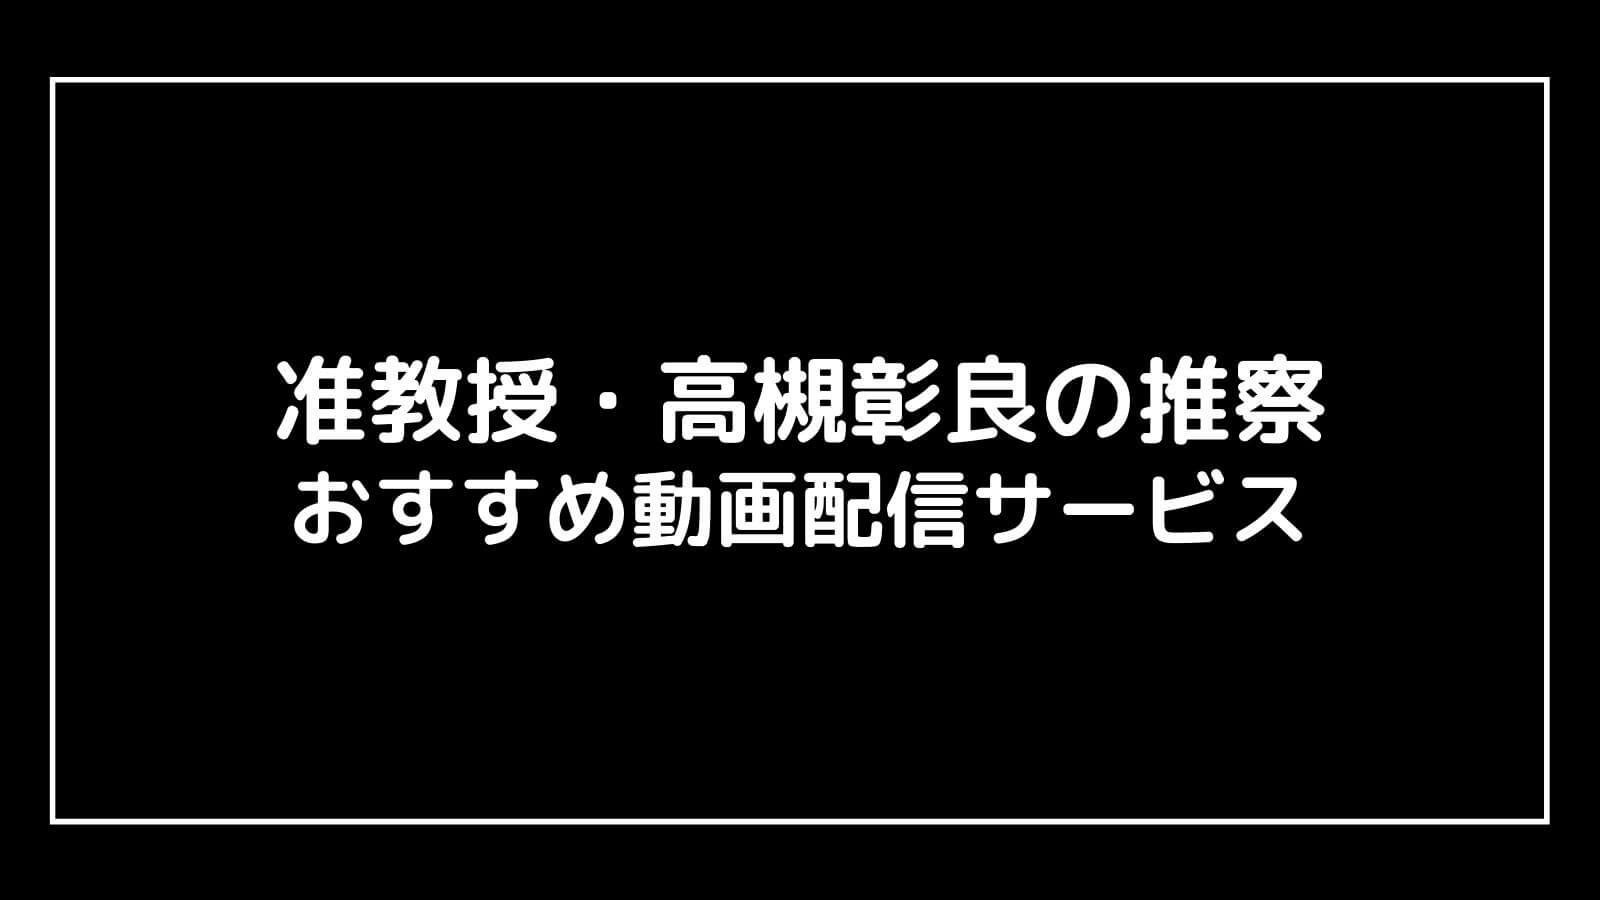 『准教授・高槻彰良の推察』の見逃し配信を無料視聴できるおすすめ動画配信サイト